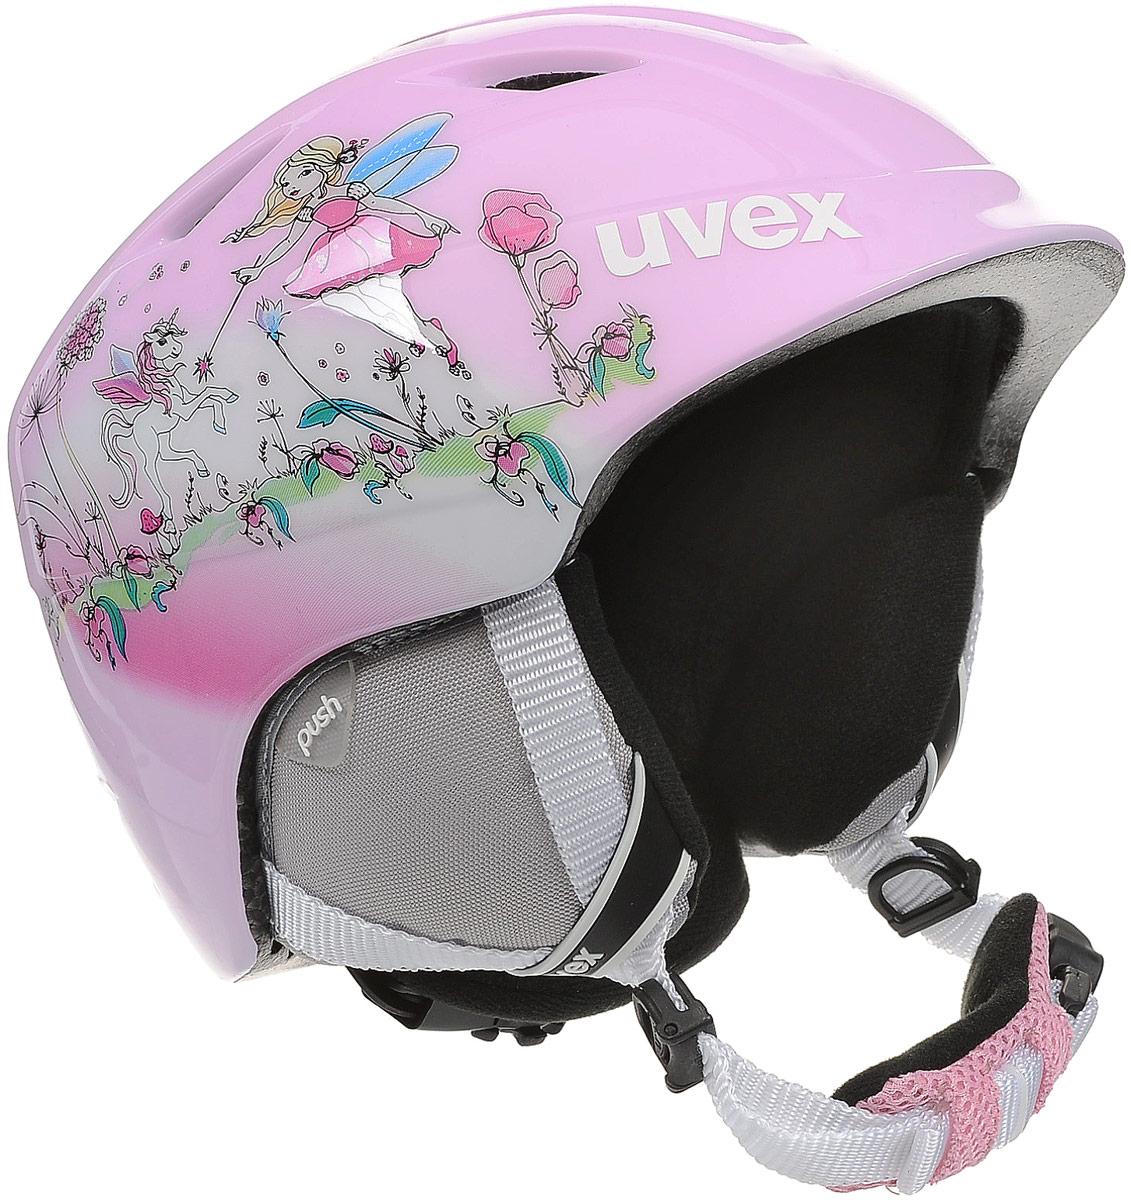 Шлем горнолыжный детский Uvex Airwing 2 Kid's Helmet, фея. Размер XXS